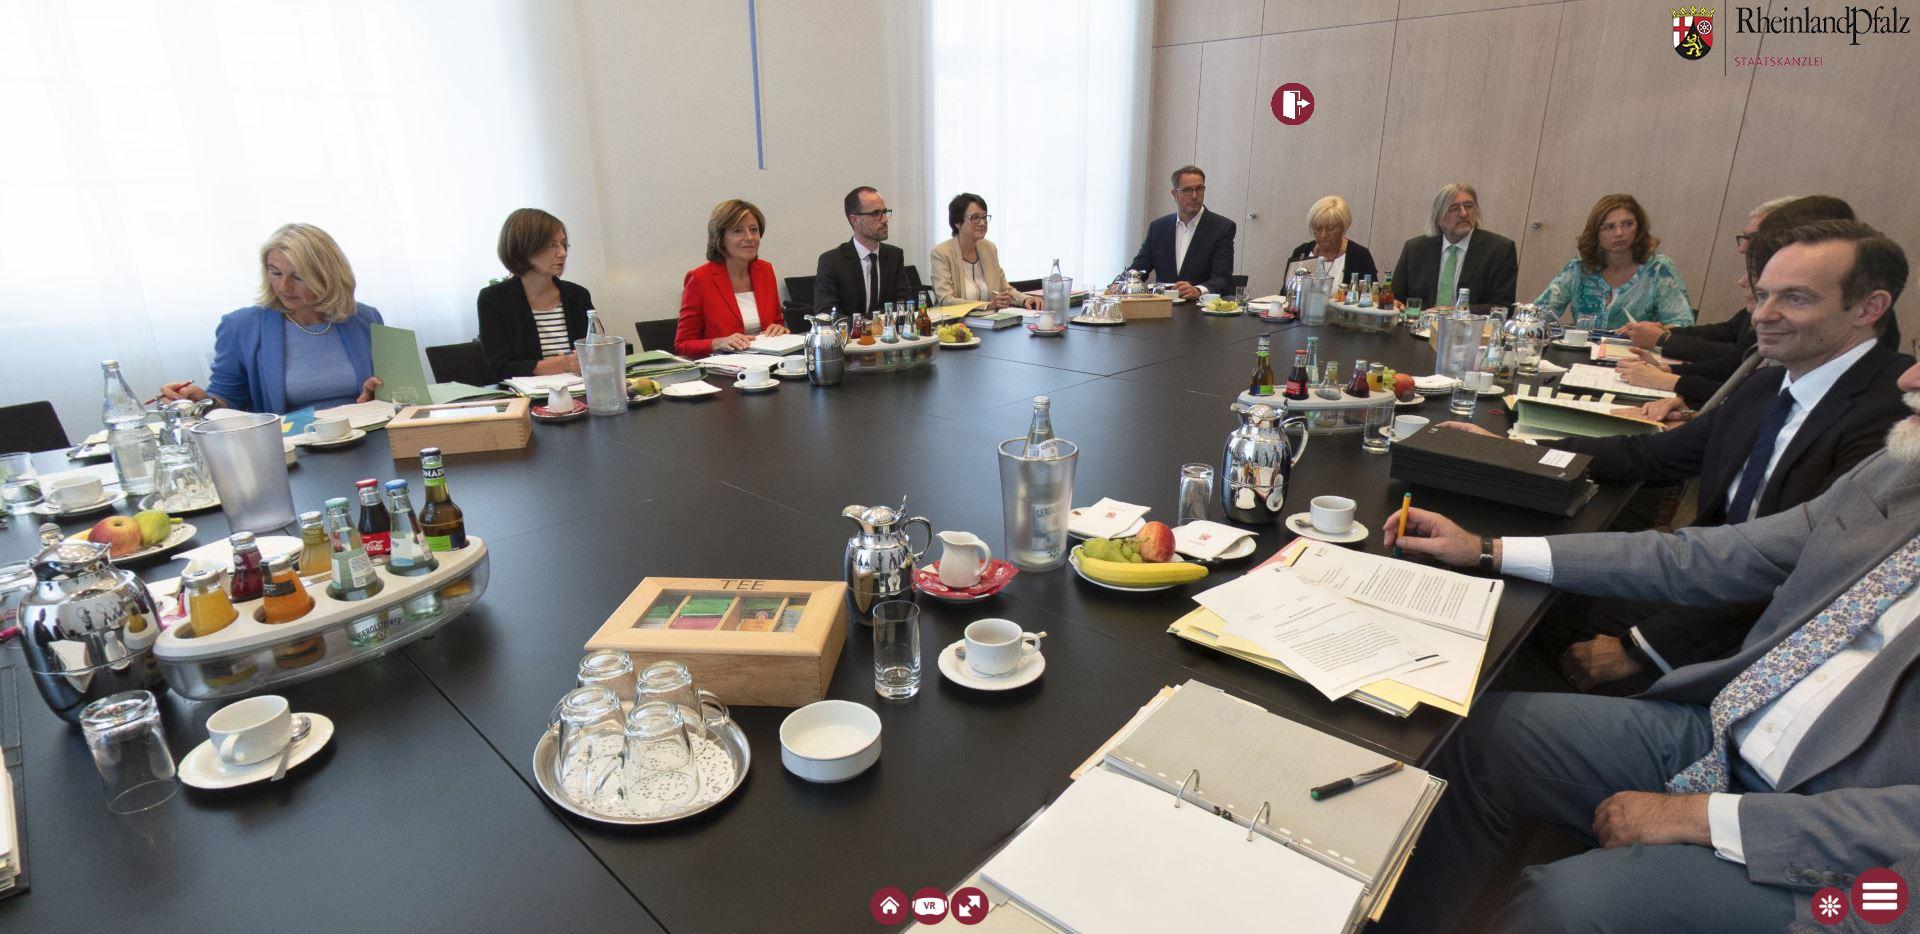 Ministerratssitzung in 360°